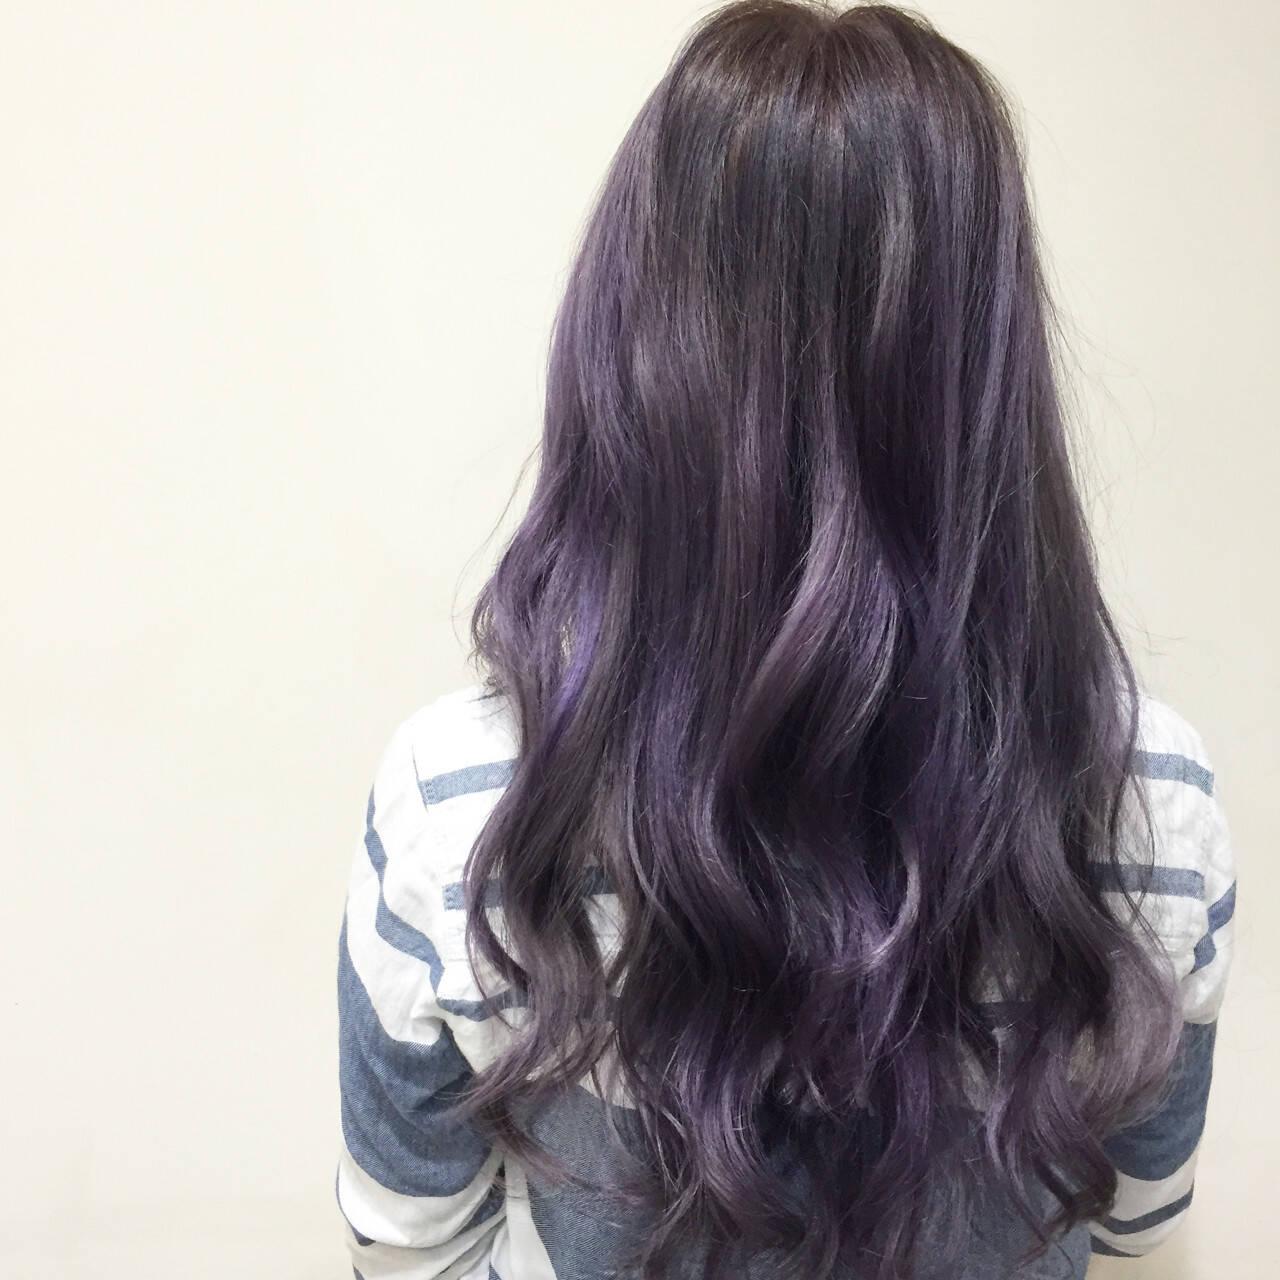 ハイライト グラデーションカラー パープル ガーリーヘアスタイルや髪型の写真・画像